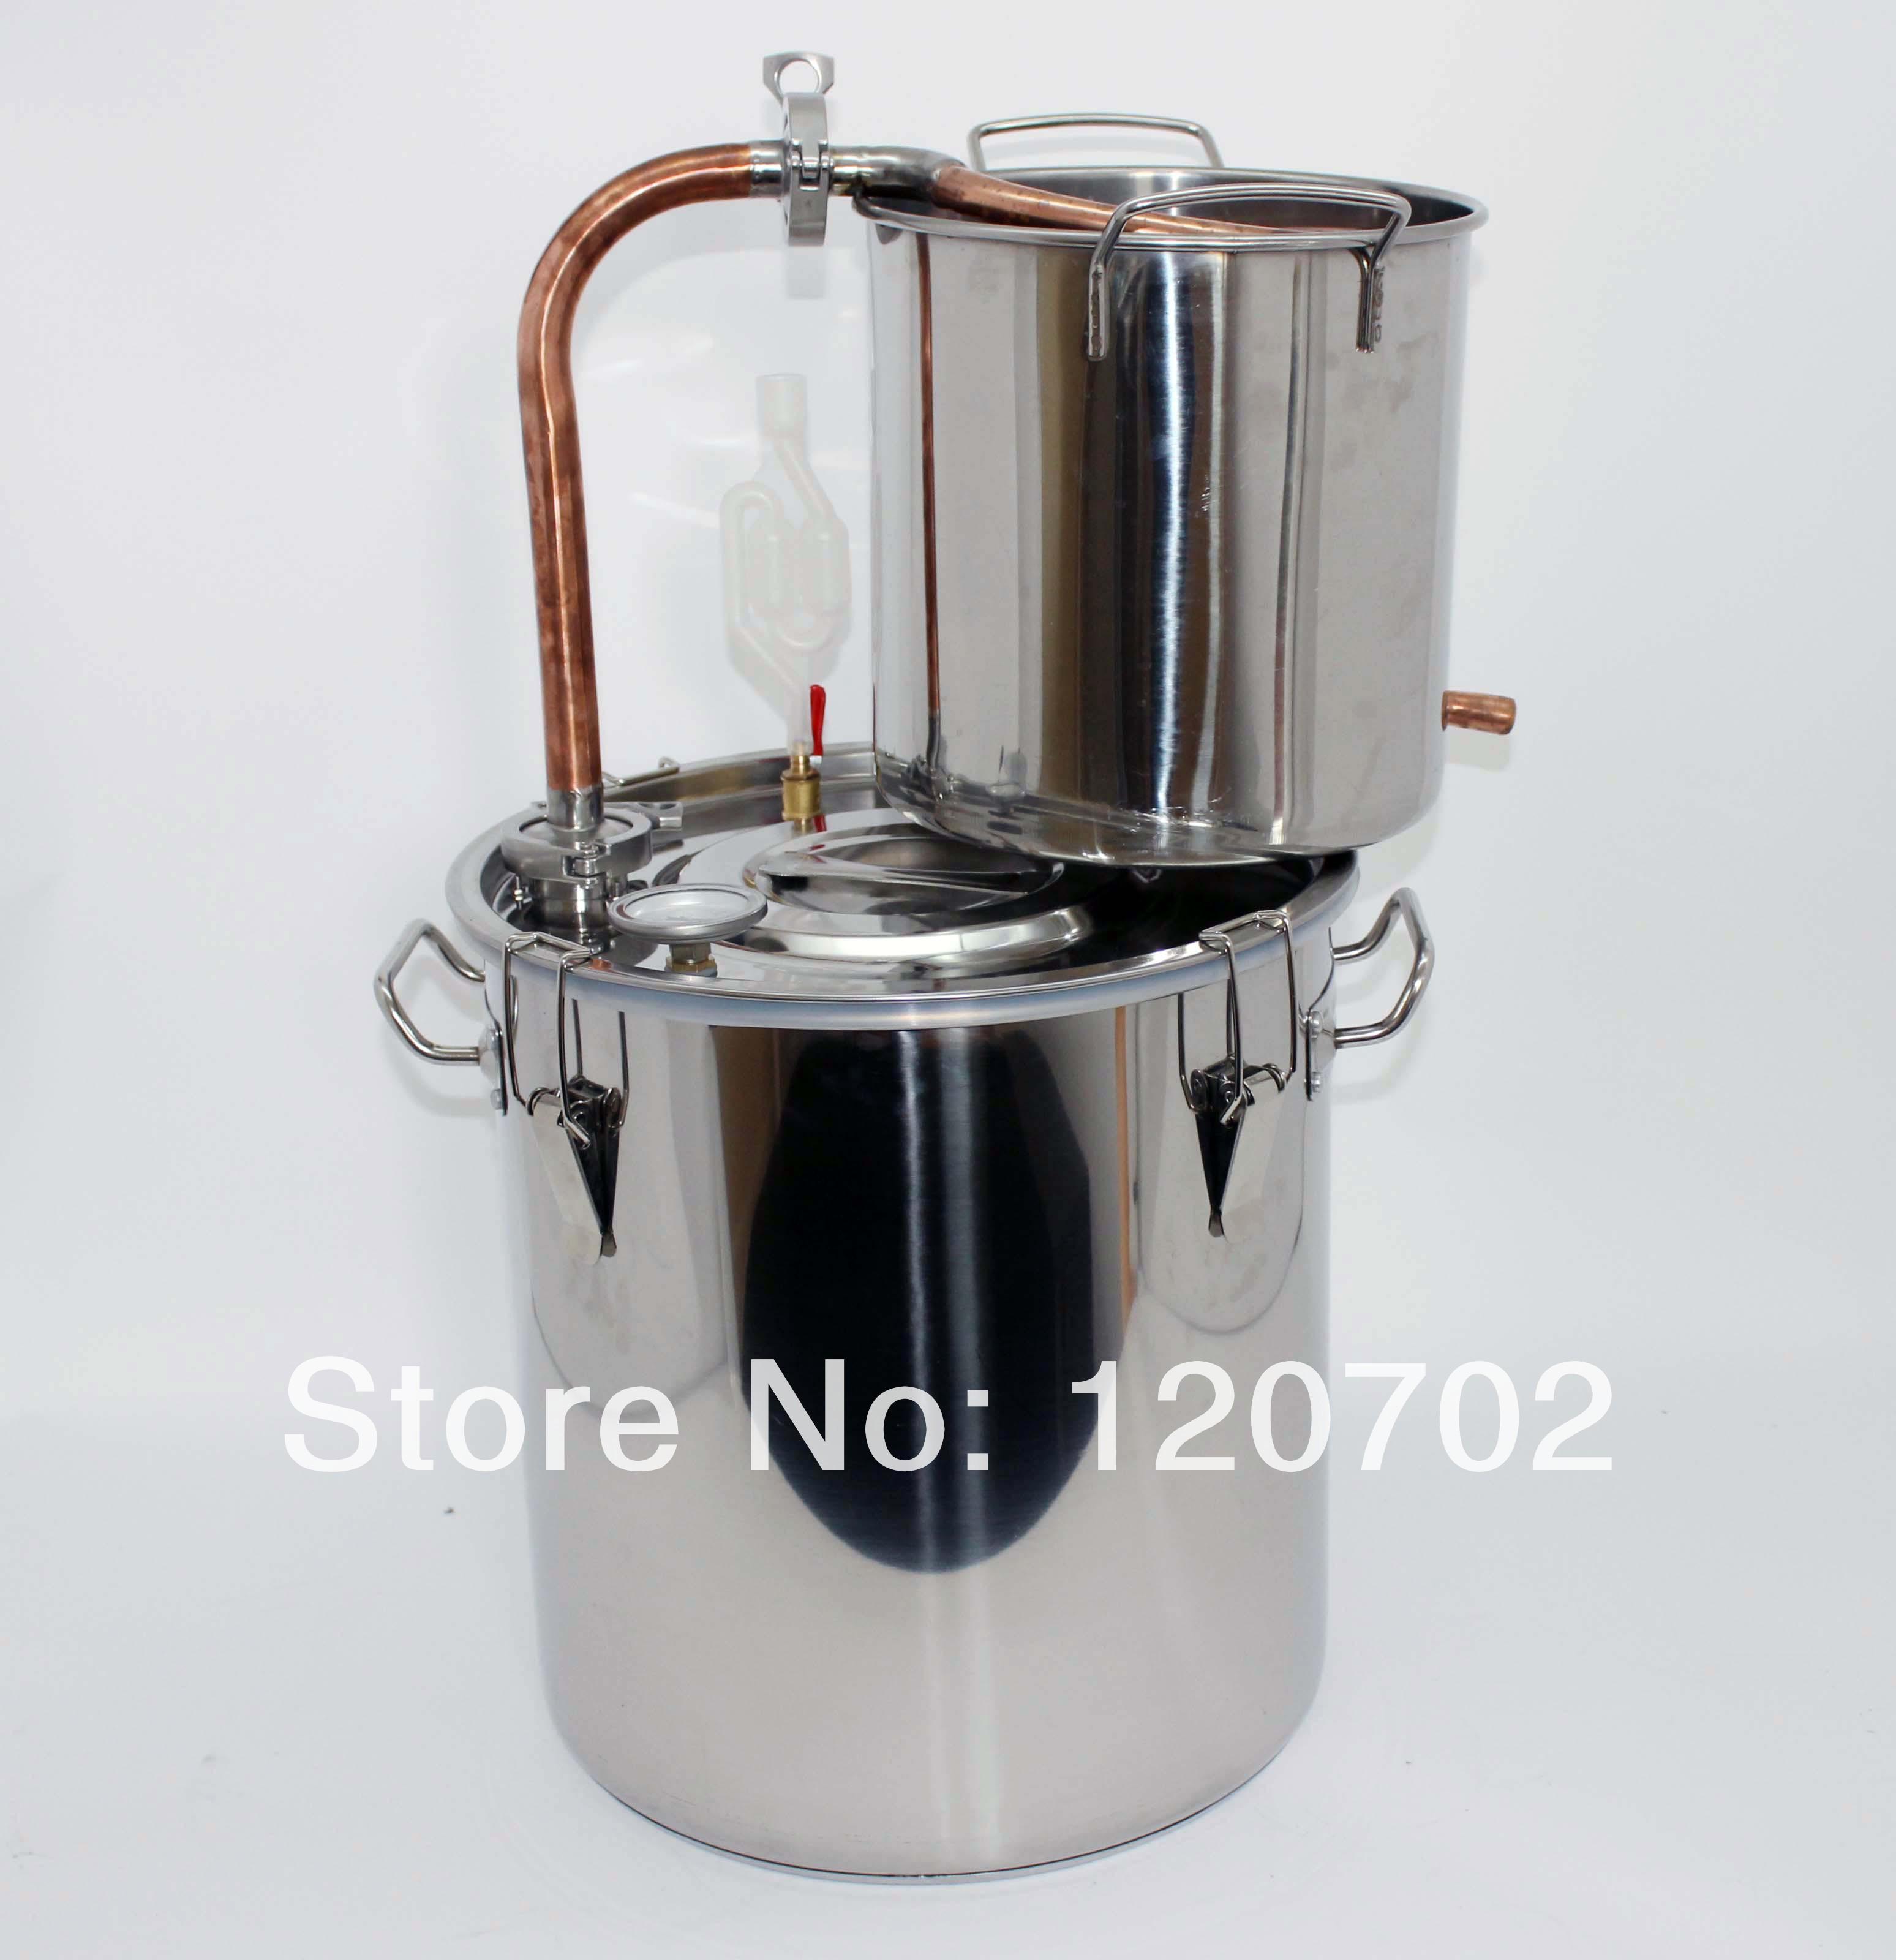 stainless steel moonshine still boiler - photo #5